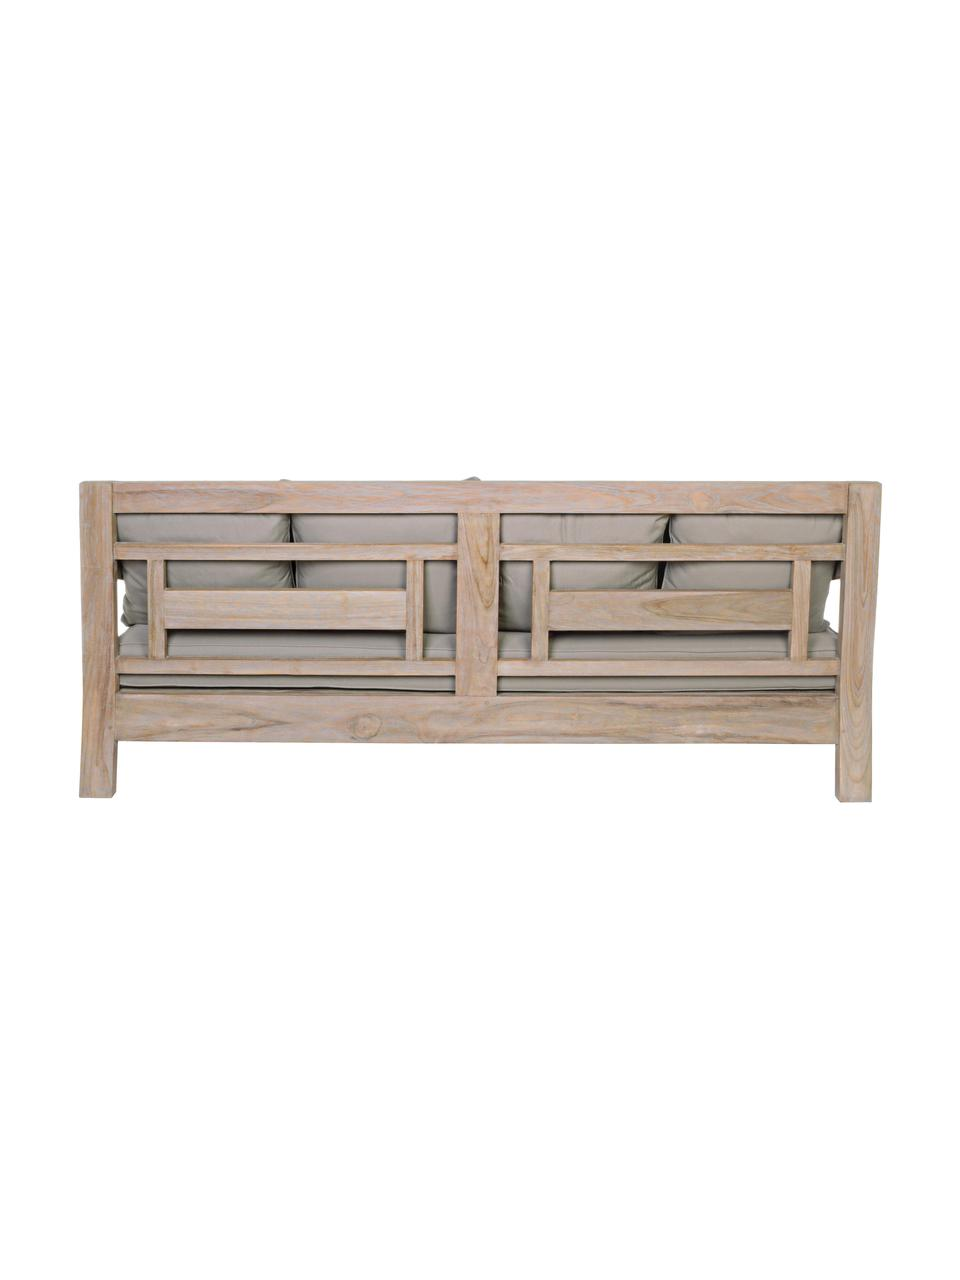 Garten-Loungesofa Bali aus Teakholz (3-Sitzer), Rahmen: Teakholz, Rahmen: Teak Bezüge: Grau, B 190 x T 112 cm